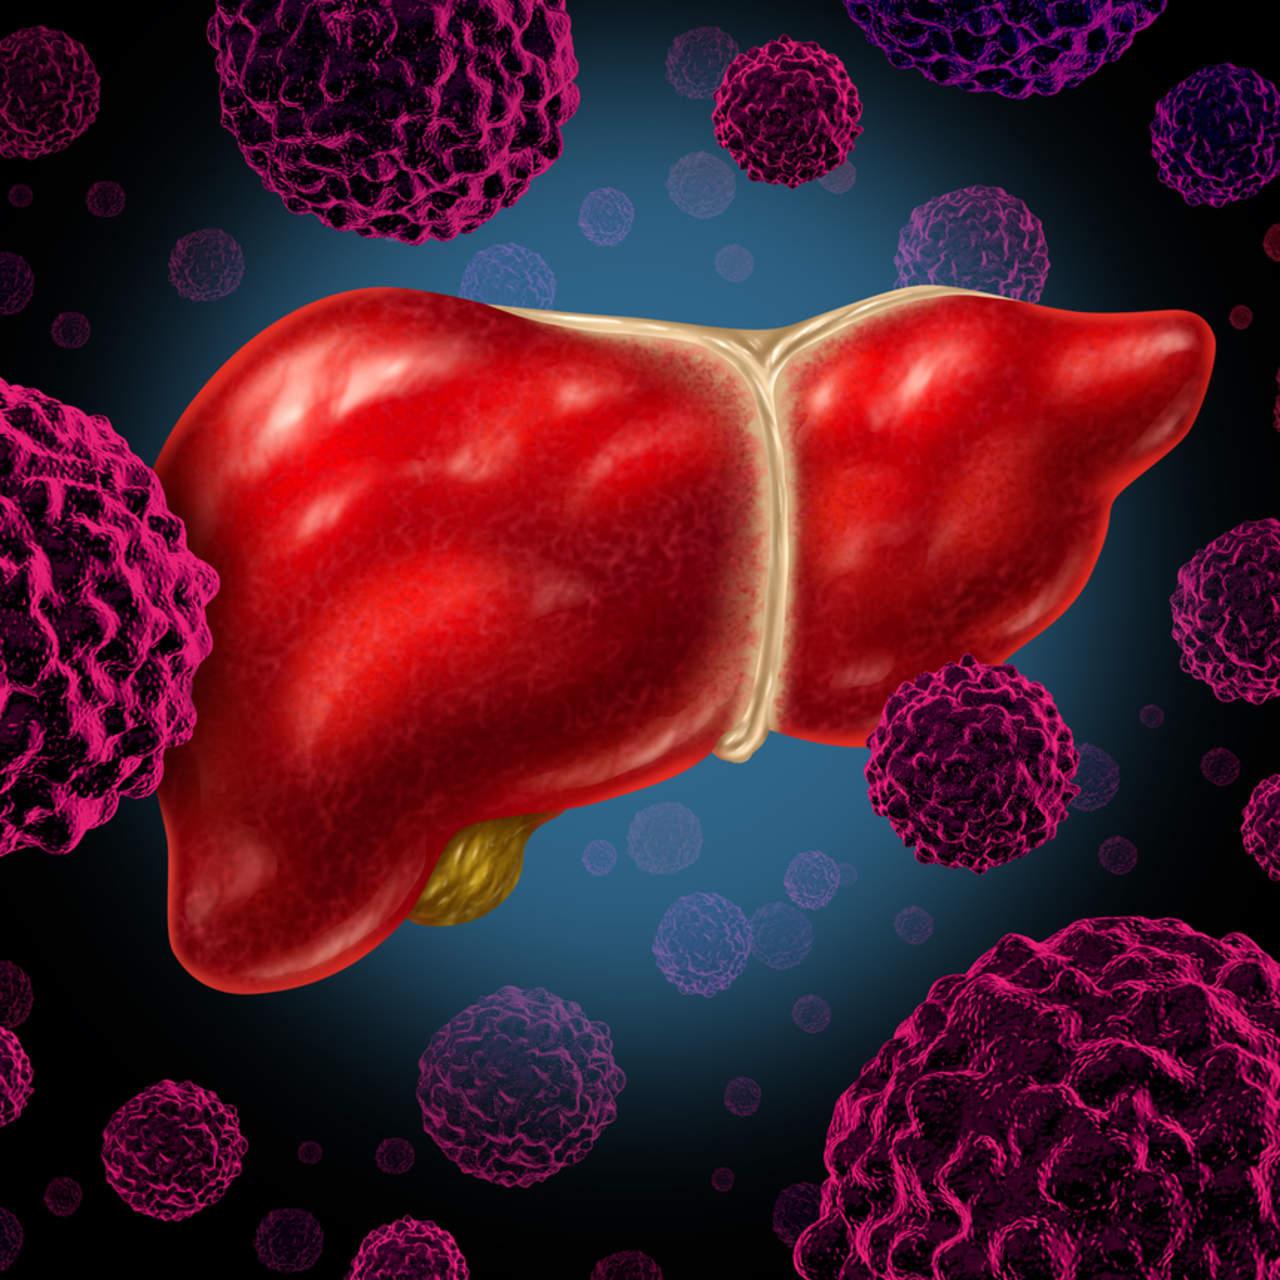 Hígado graso, enfermedad \'silenciosa\' que puede derivar en cirrosis o cáncer